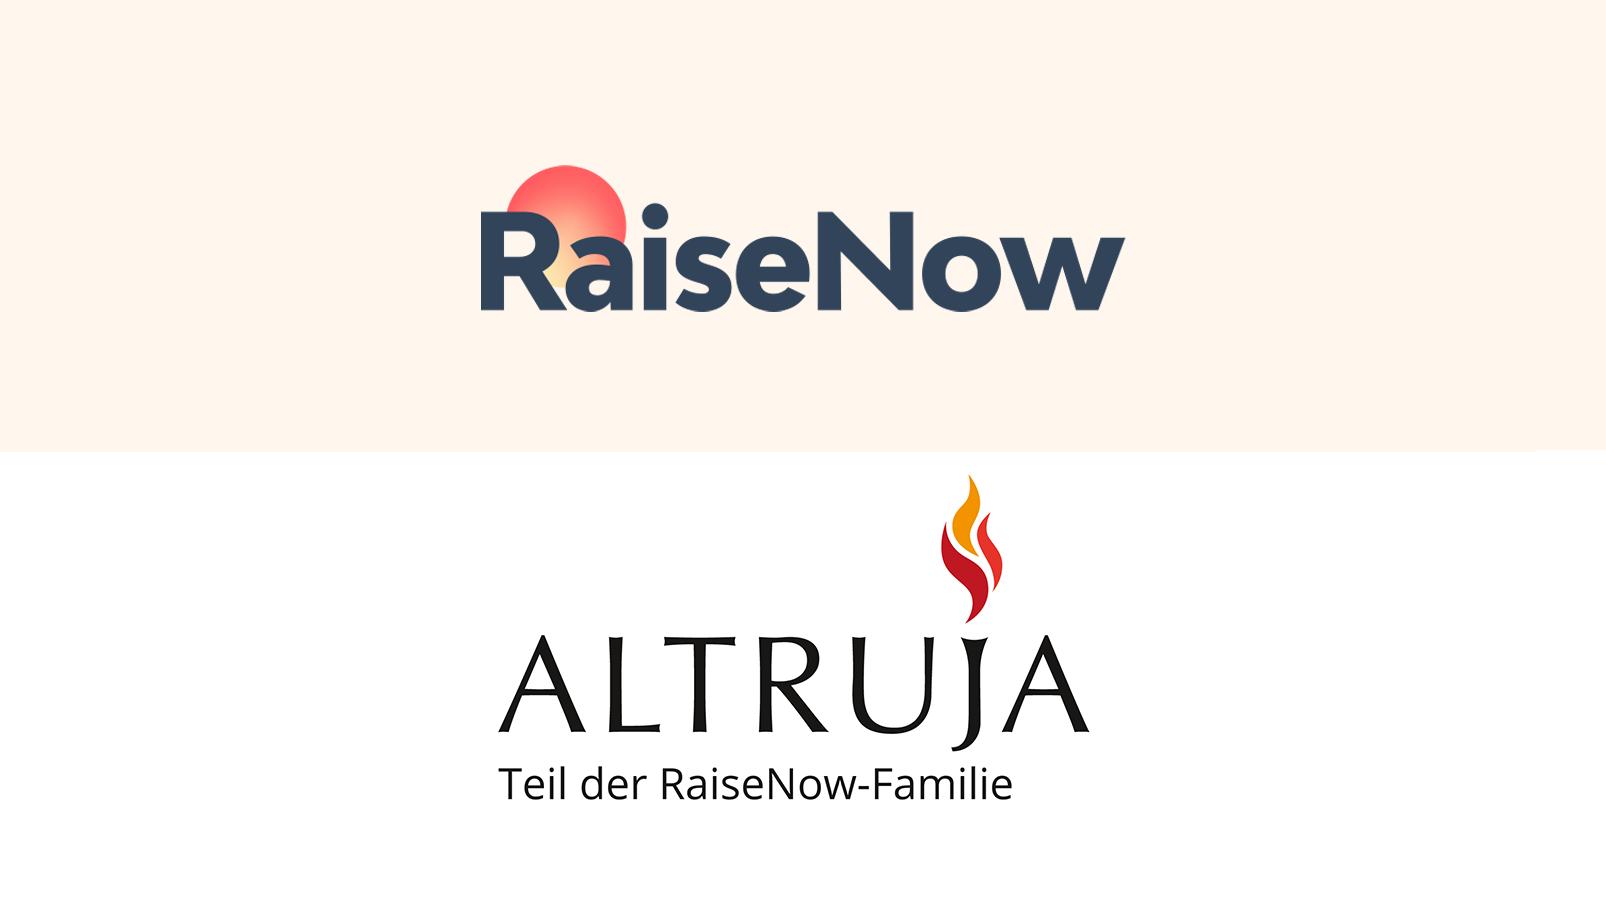 Altruja ist jetzt Teil der RaiseNow-Familie!